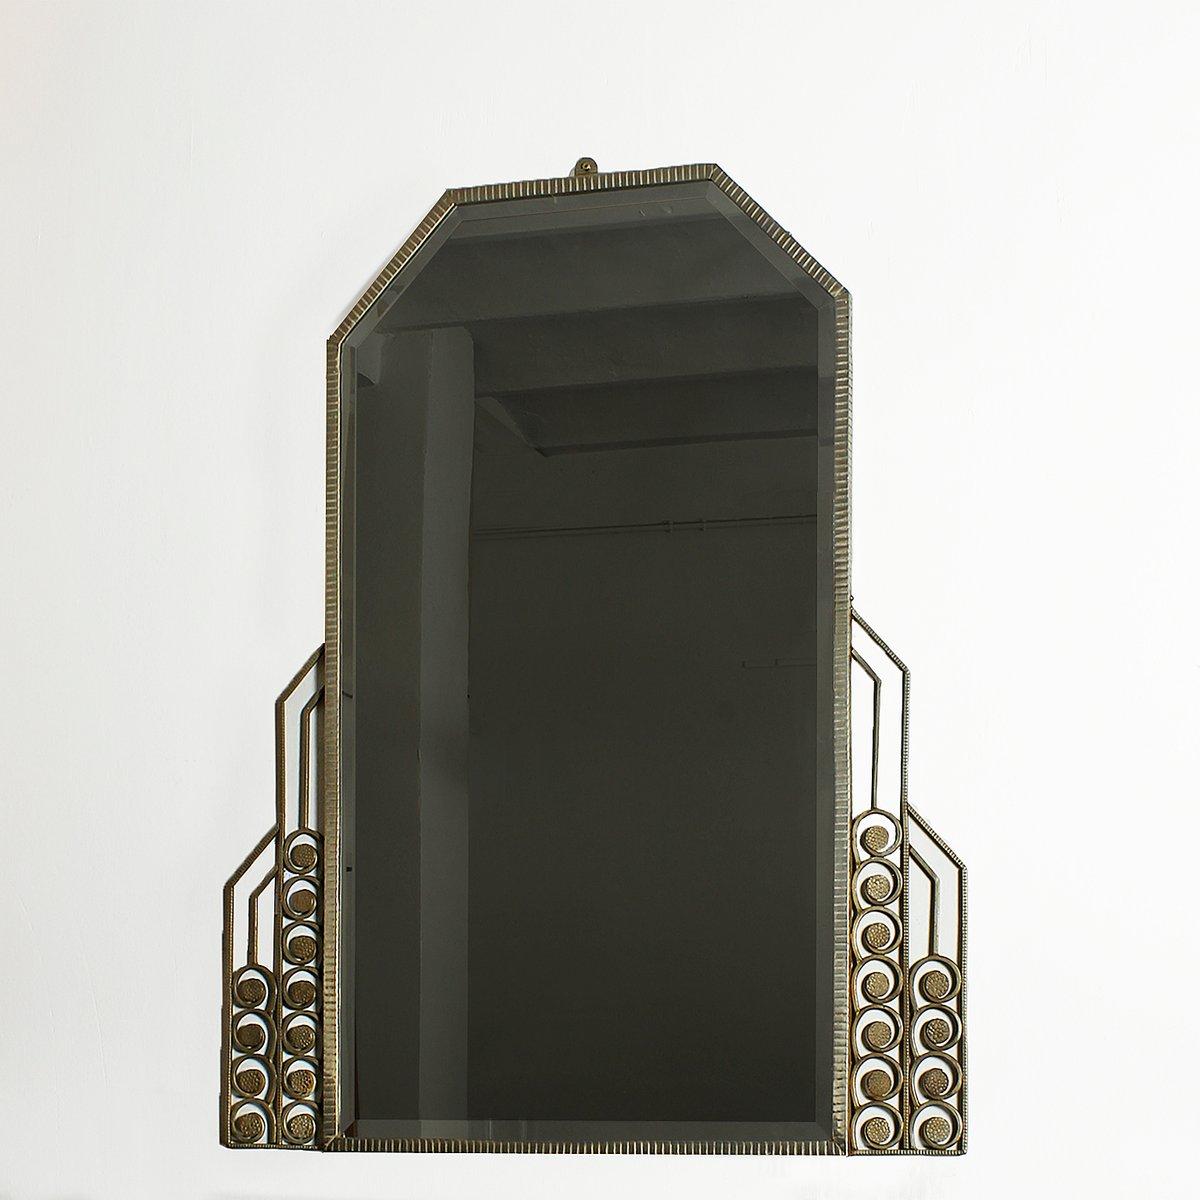 grand miroir art deco 1930s 1 Résultat Supérieur 16 Nouveau Grand Miroir Deco Galerie 2017 Kqk9